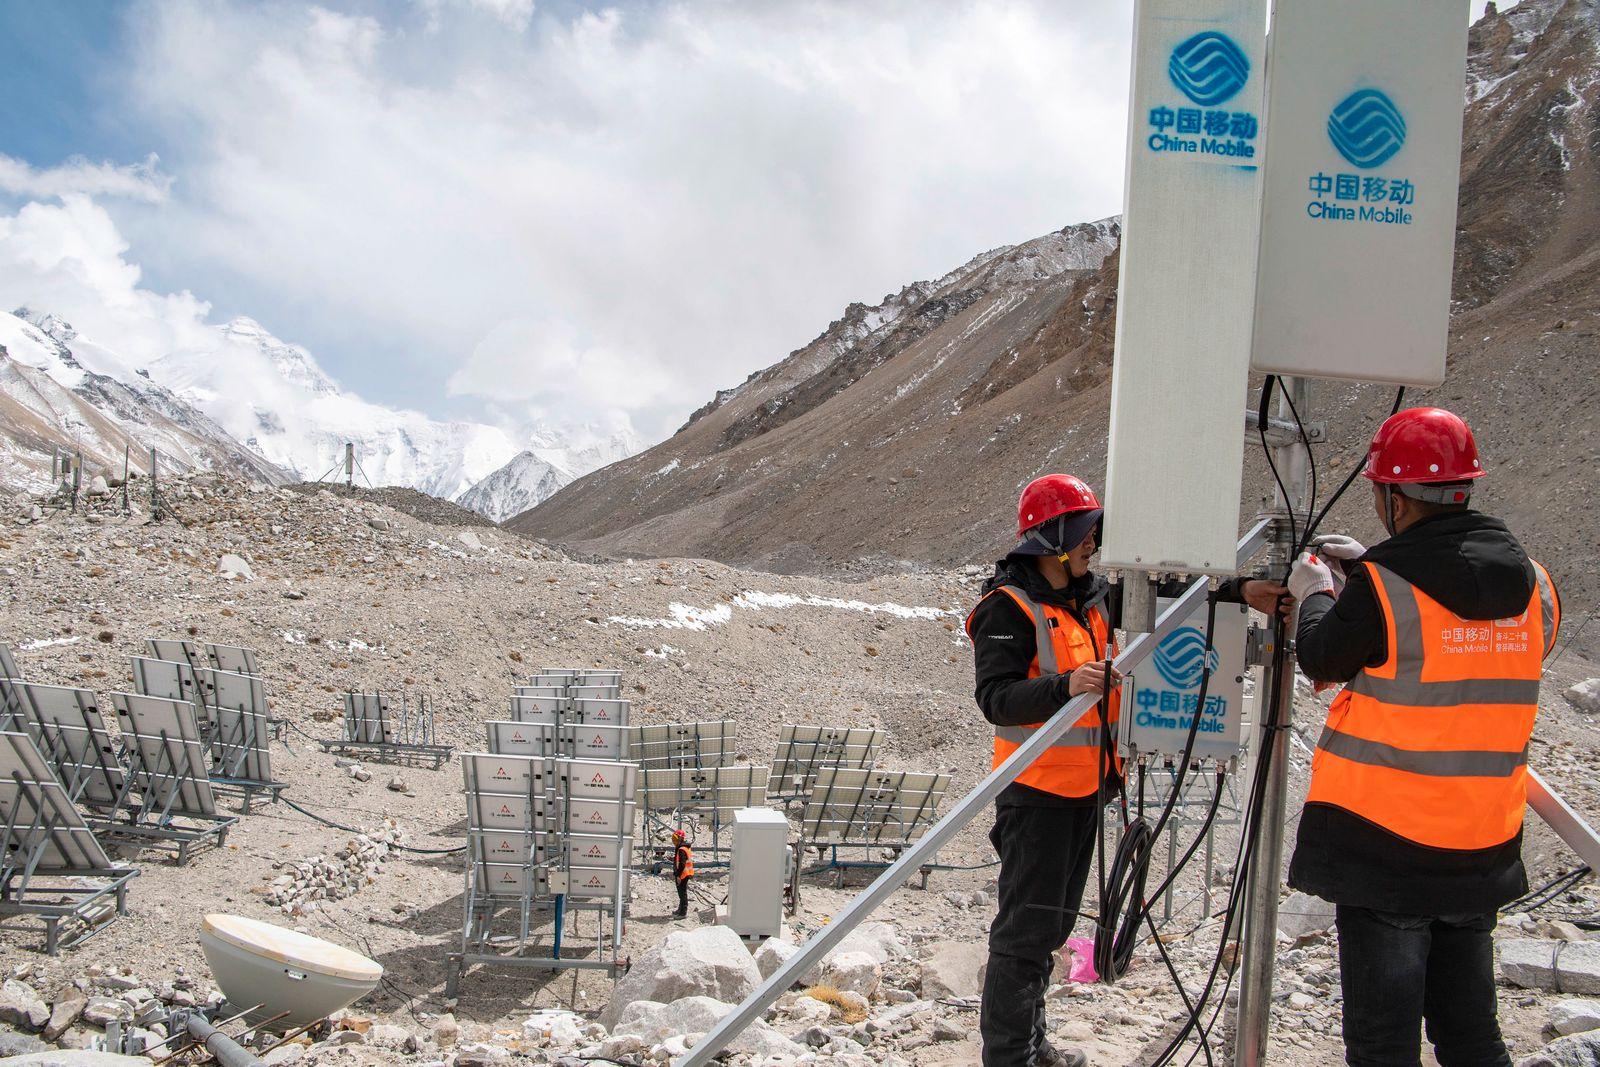 5G-Mobilfunk-Empfang auf dem höchsten Berg der Erde